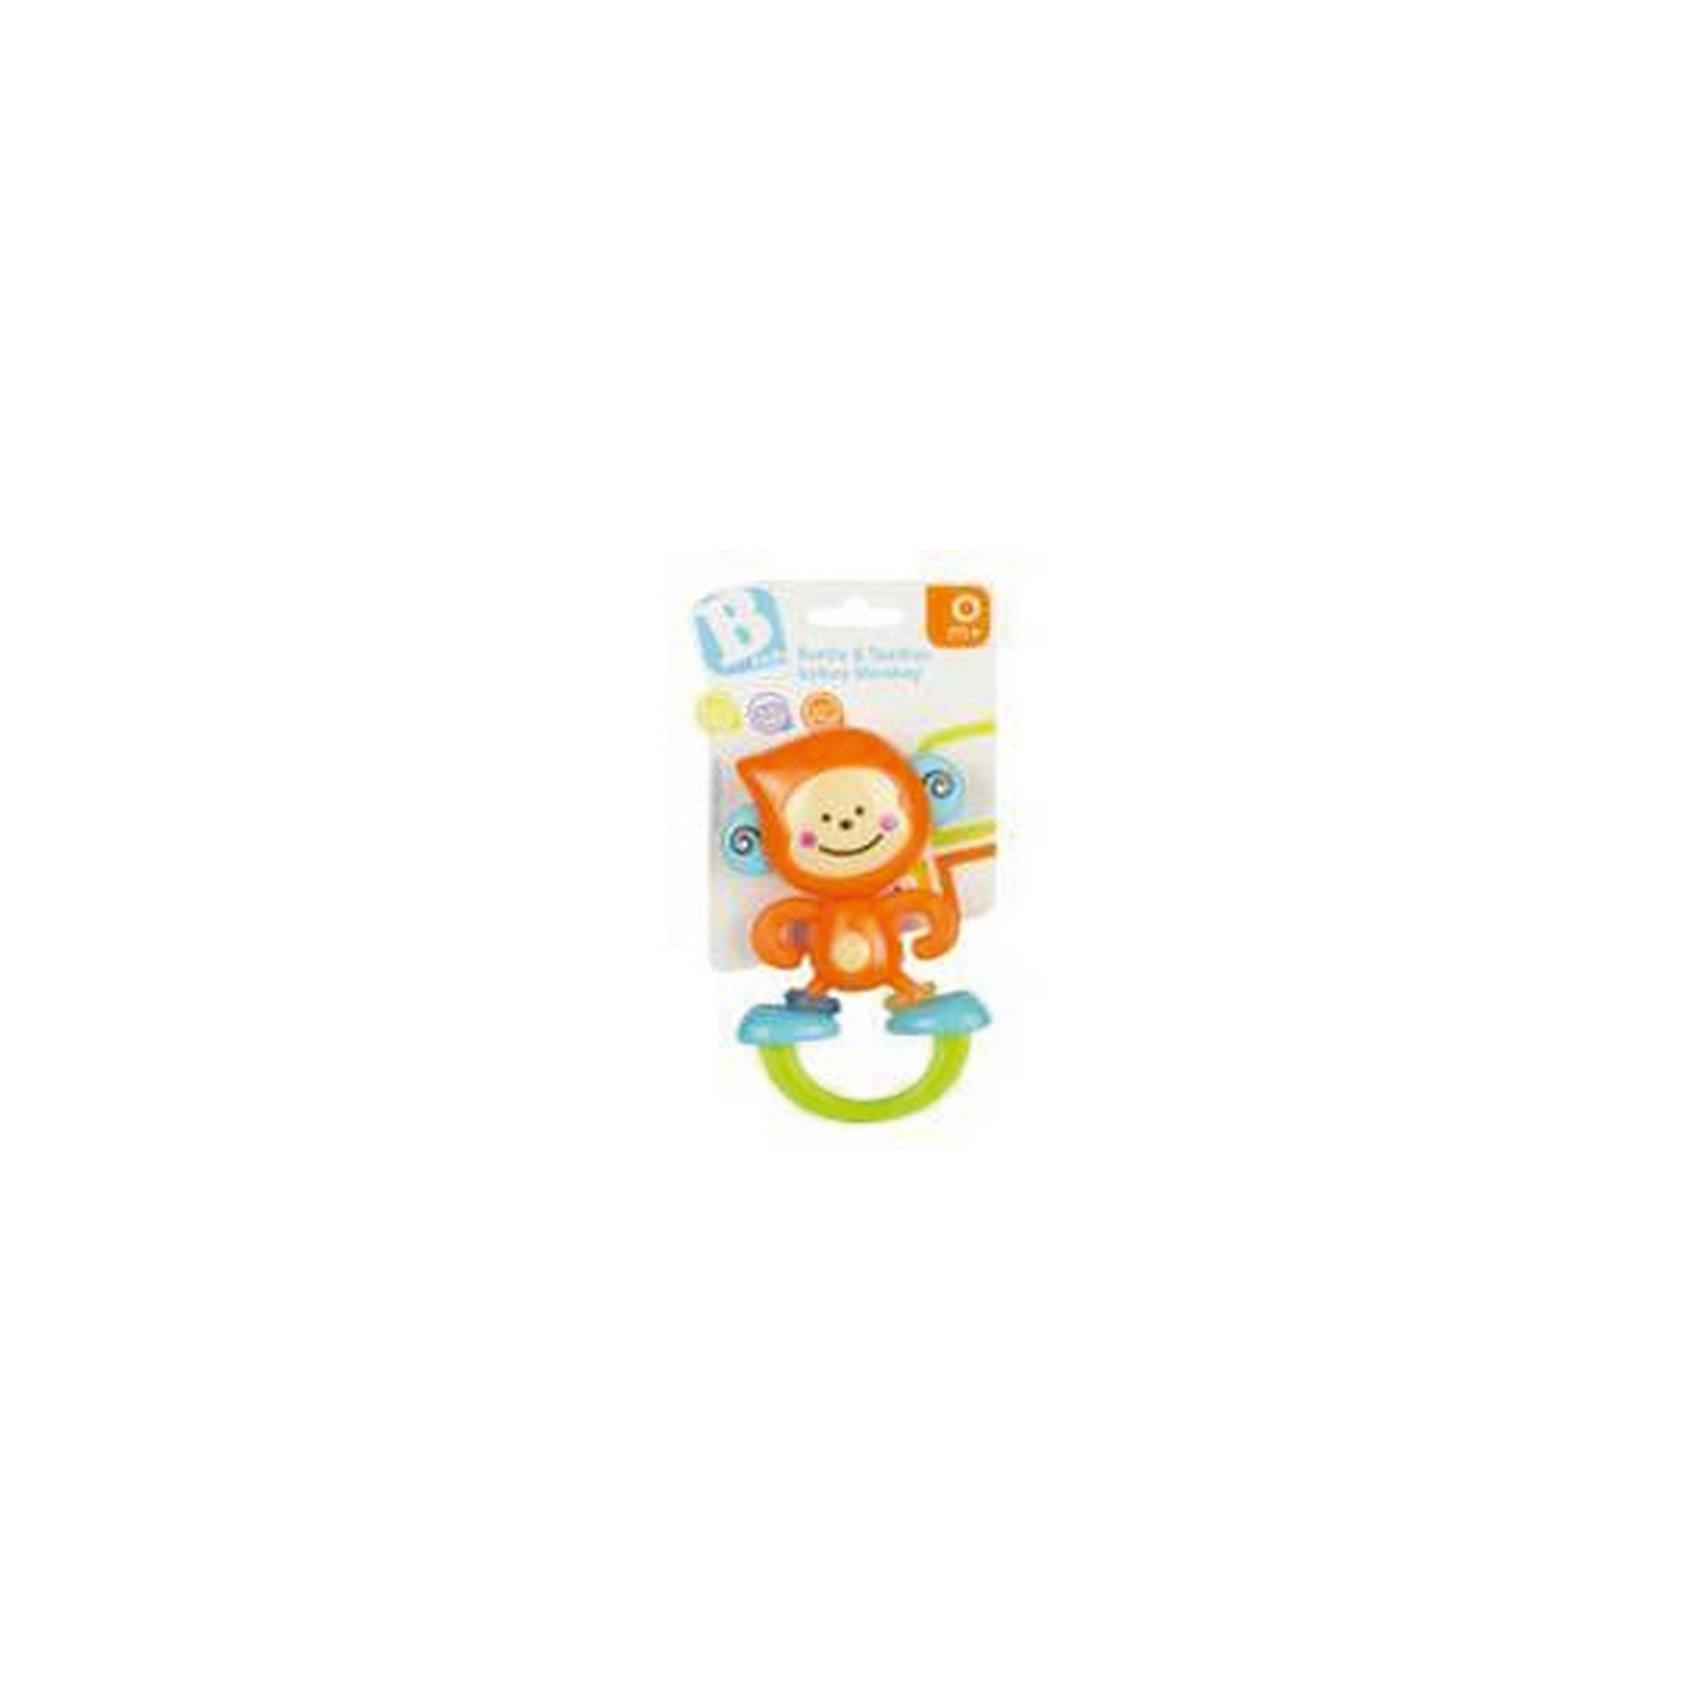 Игрушка Веселая обезьянка, BKidsИгрушки для малышей<br>Прорезыватели необходимы детям, у которых режутся зубки. Они могут выглядеть очень симпатично! Эта игрушка представляет собой прорезыватель в виде обезьяны. На её ножках есть небольшие колечки голубого и зеленого цвета. Их можно крутить и передвигать. <br>Такие игрушки способствуют развитию мелкой моторики, воображения, цветовосприятия, тактильных ощущений. Изделие разработано специально для самых маленьких. Сделано из материалов, безопасных для детей.<br><br>Дополнительная информация:<br><br>цвет: разноцветный;<br>размеры игрушки: 15 х 20 х 4 см;<br>возраст: с рождения.<br><br>Игрушку Веселая обезьянка от бренда BKids можно купить в нашем интернет-магазине.<br><br>Ширина мм: 101<br>Глубина мм: 101<br>Высота мм: 20<br>Вес г: 71<br>Возраст от месяцев: 0<br>Возраст до месяцев: 36<br>Пол: Унисекс<br>Возраст: Детский<br>SKU: 5055392